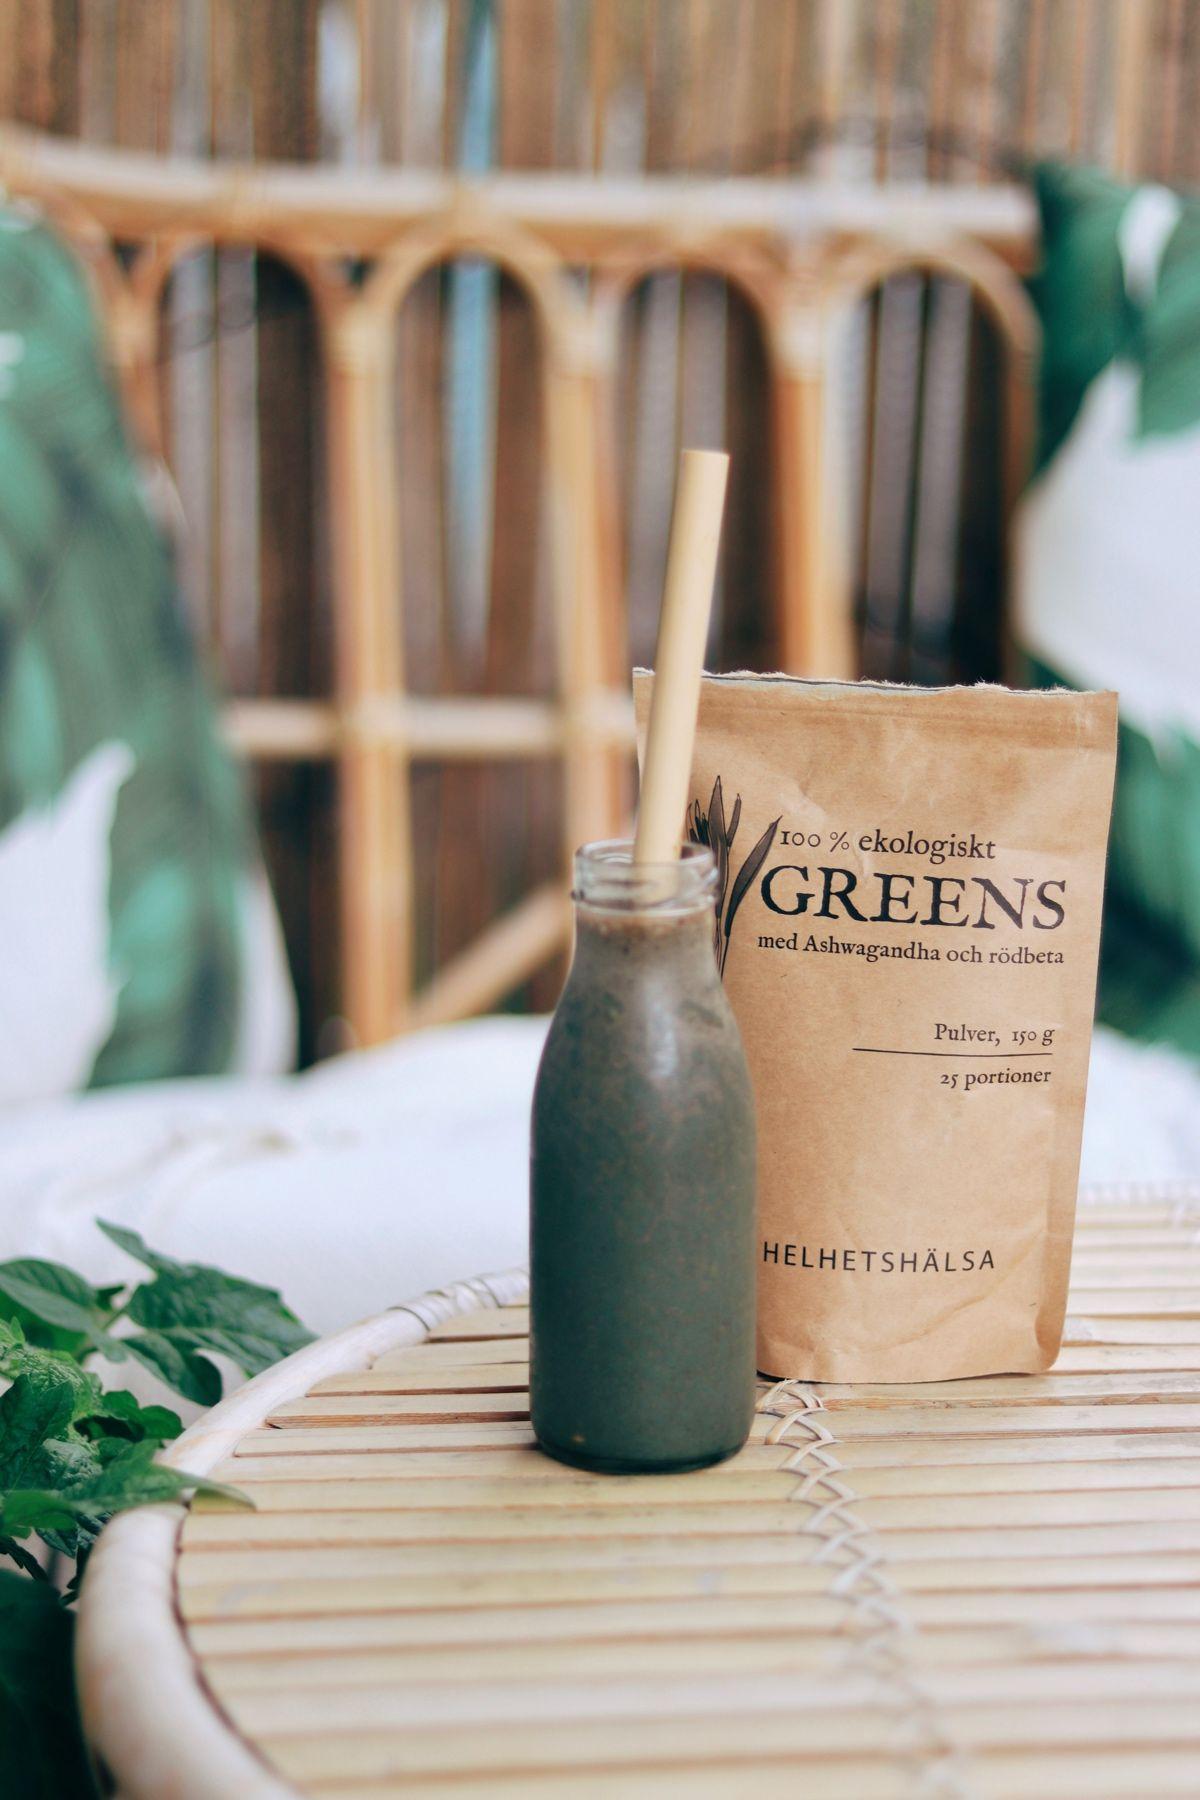 Grön smoothie, Näringsrik grön smoothie